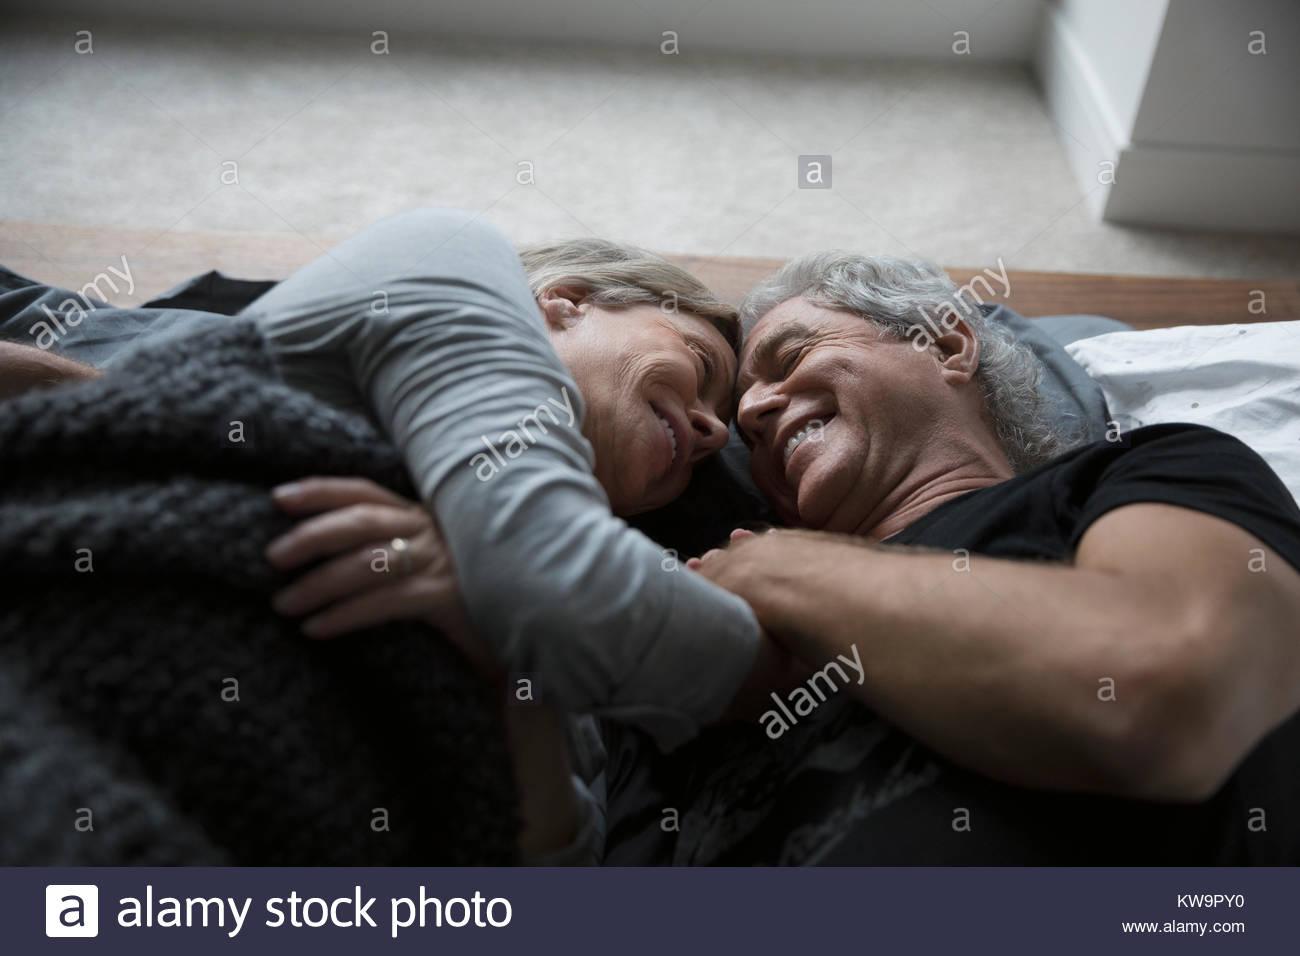 Afectuoso,romántica pareja senior caricias en la cama Imagen De Stock